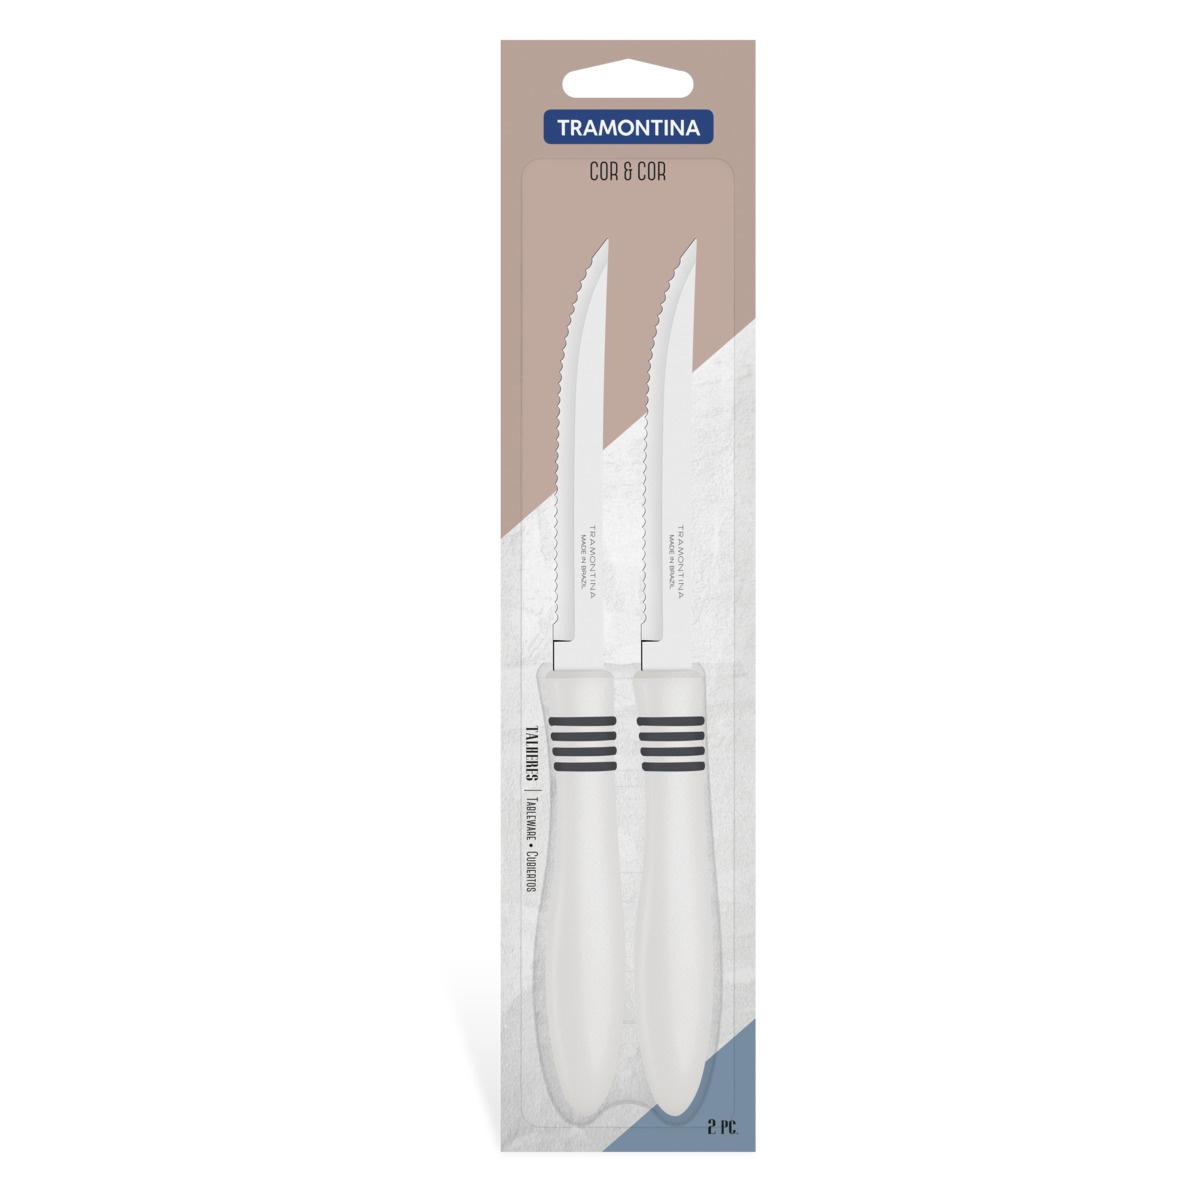 Набор ножей для мяса Tramontina из 2 предметов Cor&Cor 13 см